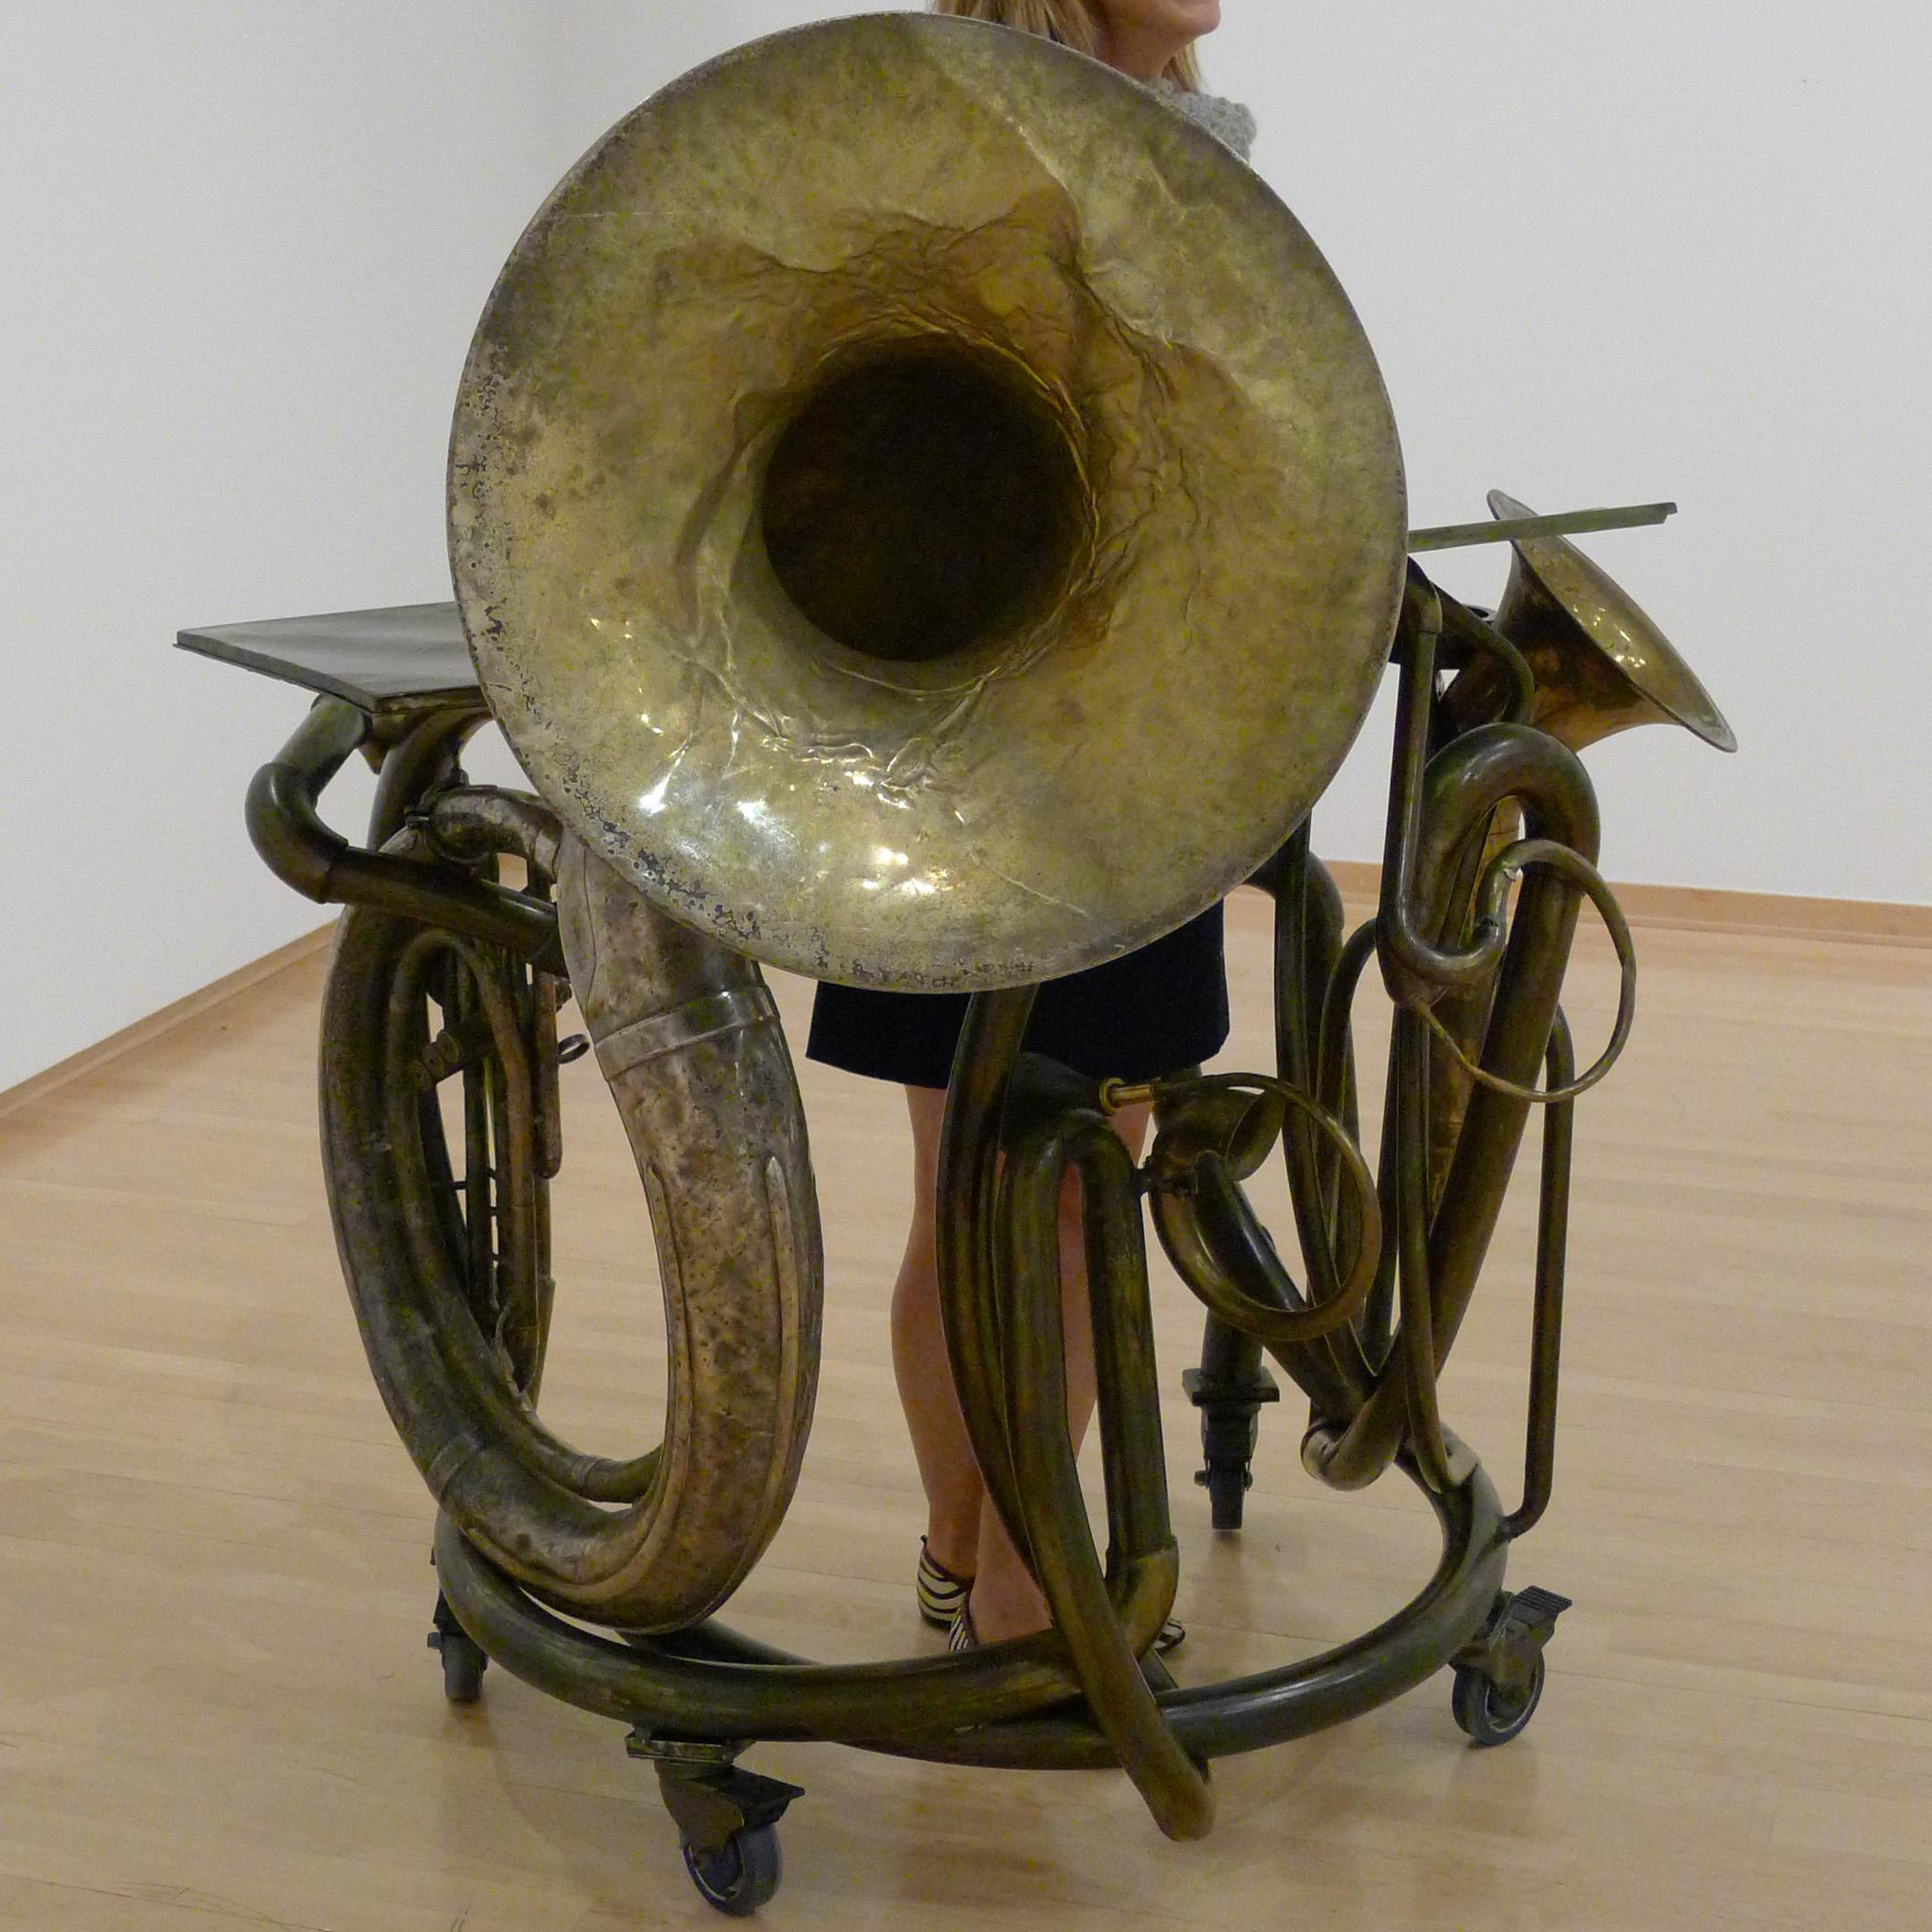 Sousaphone Podium